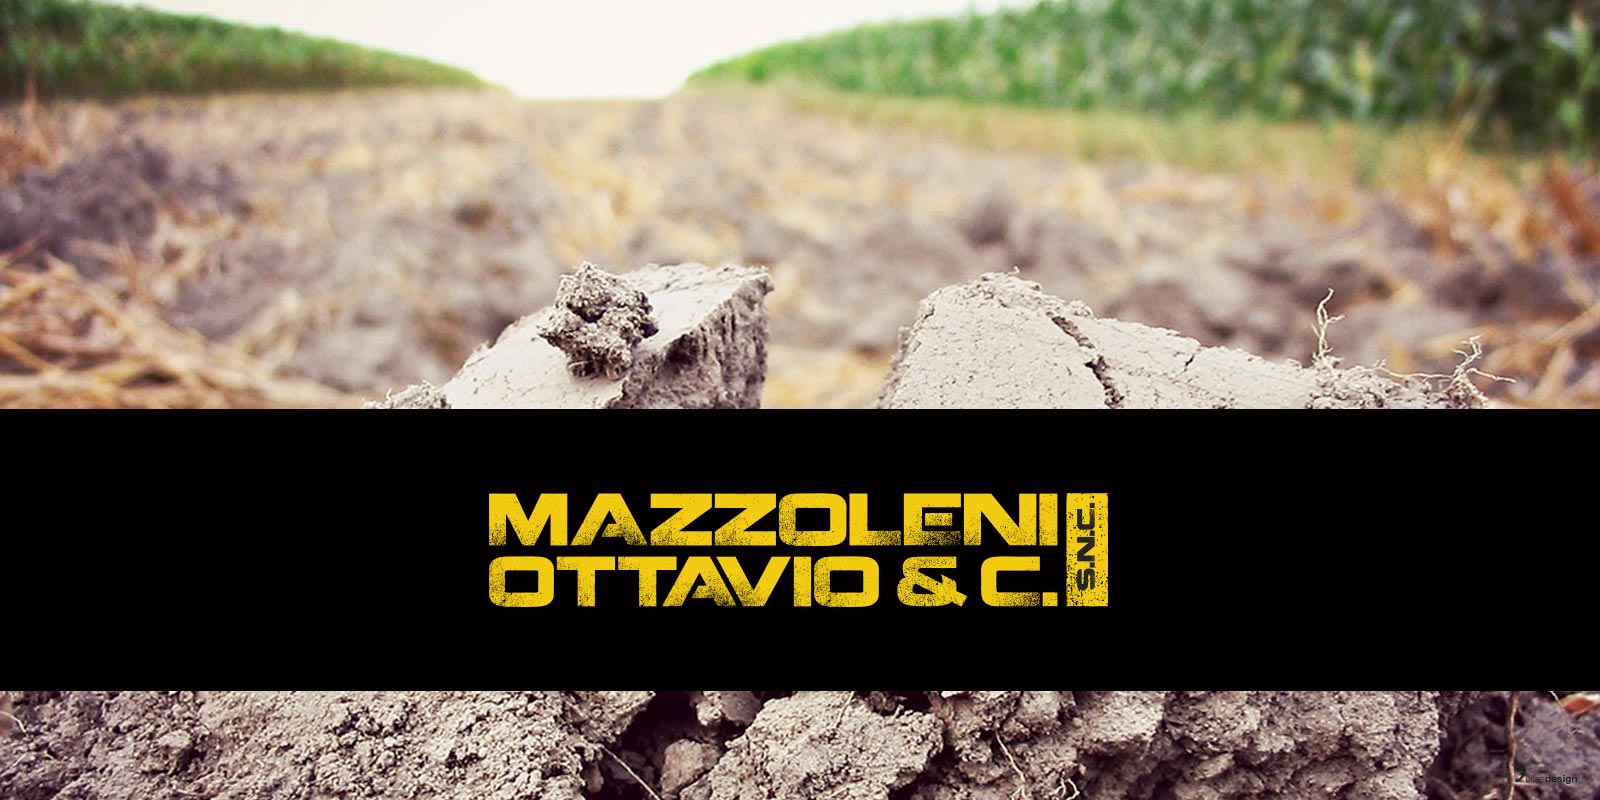 Mazzoleni Ottavio - Sito responsive